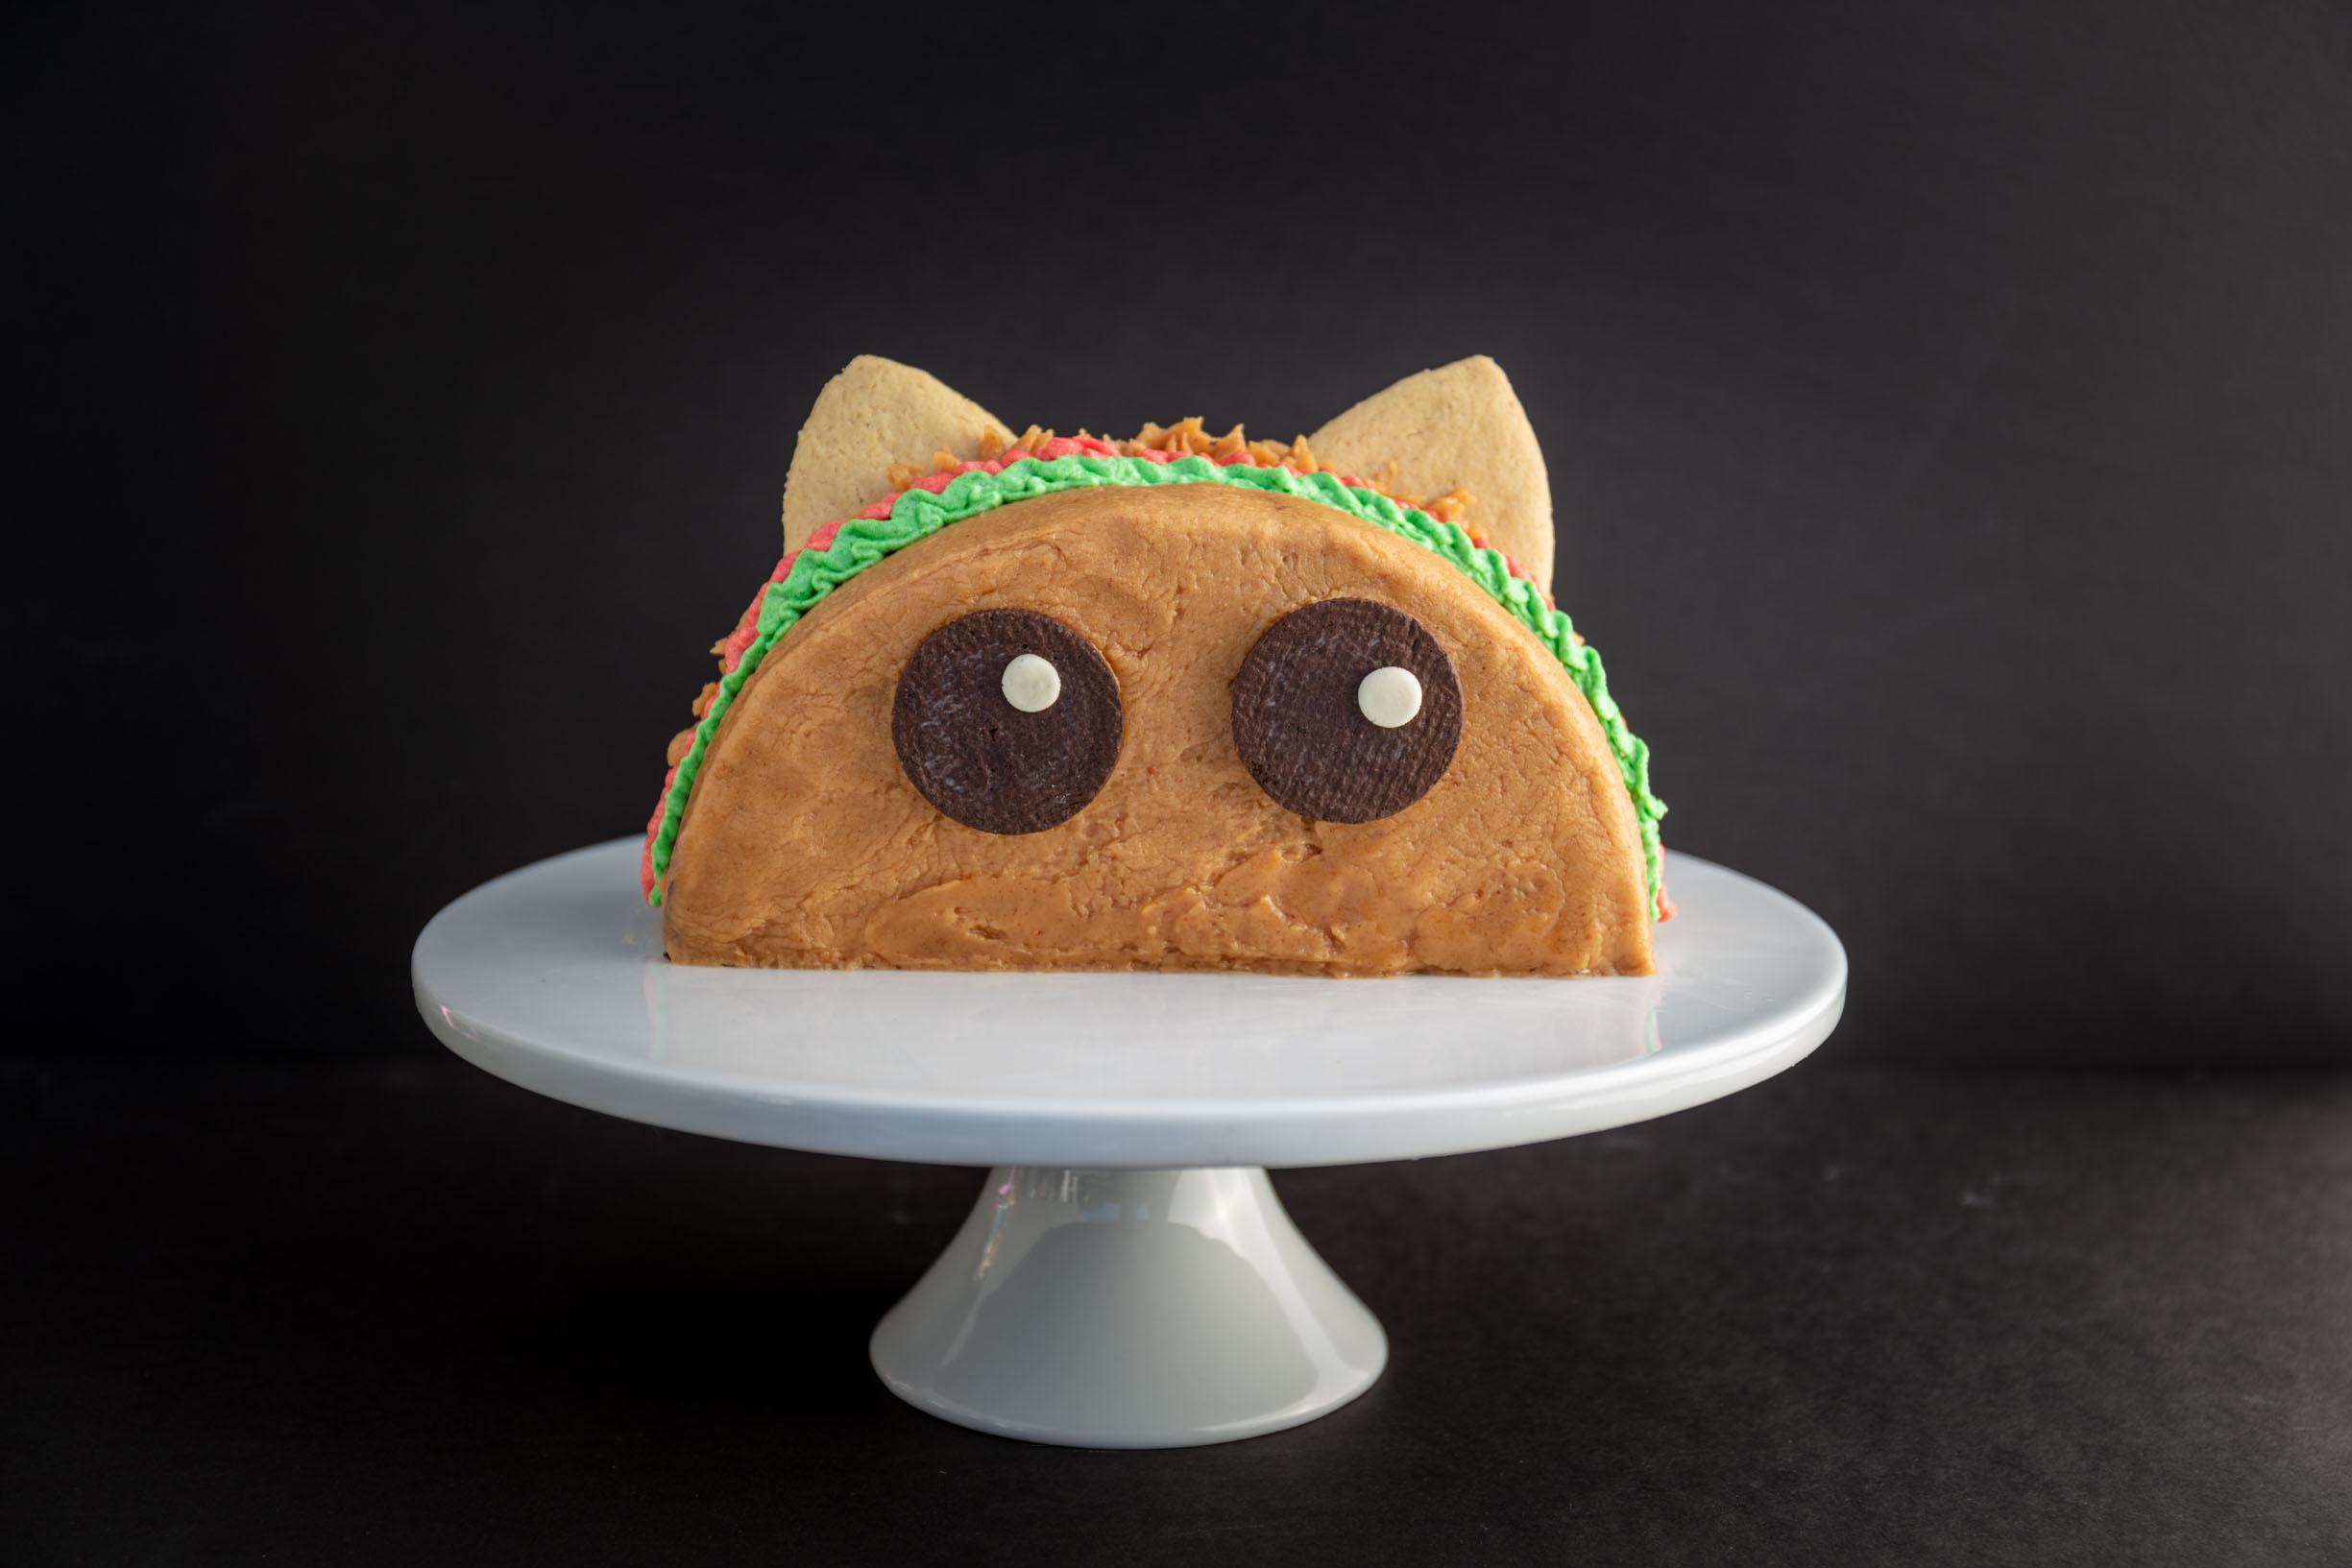 vegan chocolate peanut butter tacocat cake